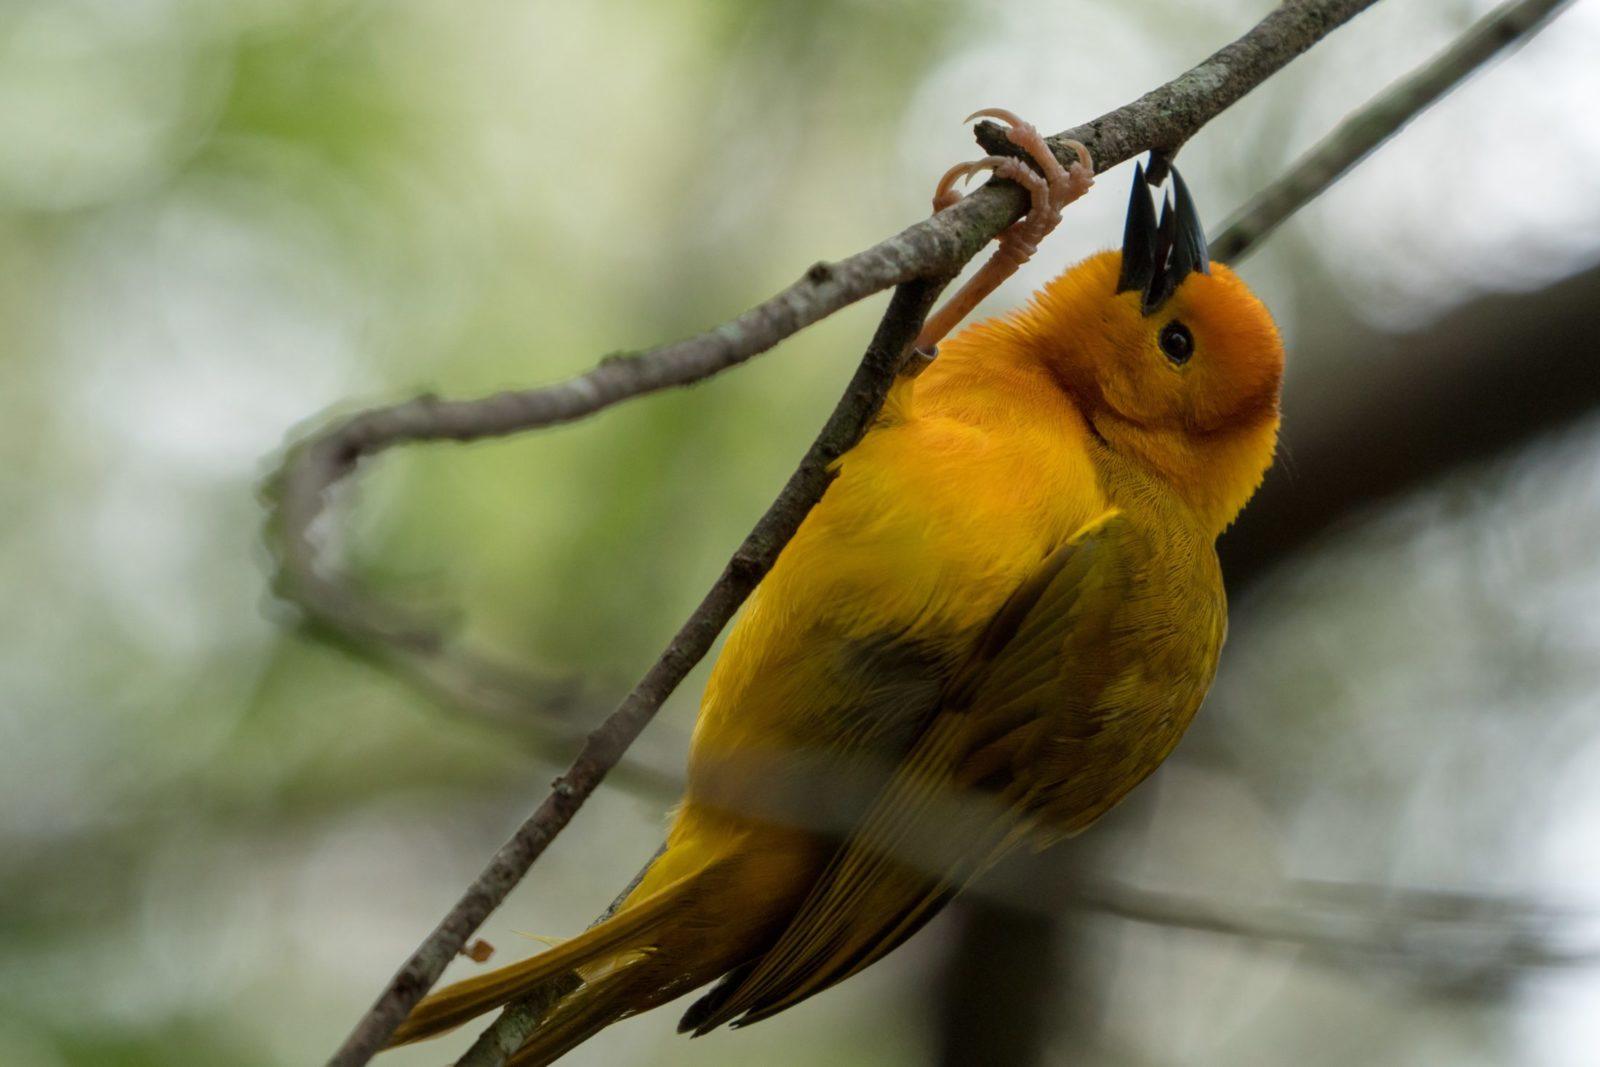 O canário é um passarinho pequeno depeito amarelo.